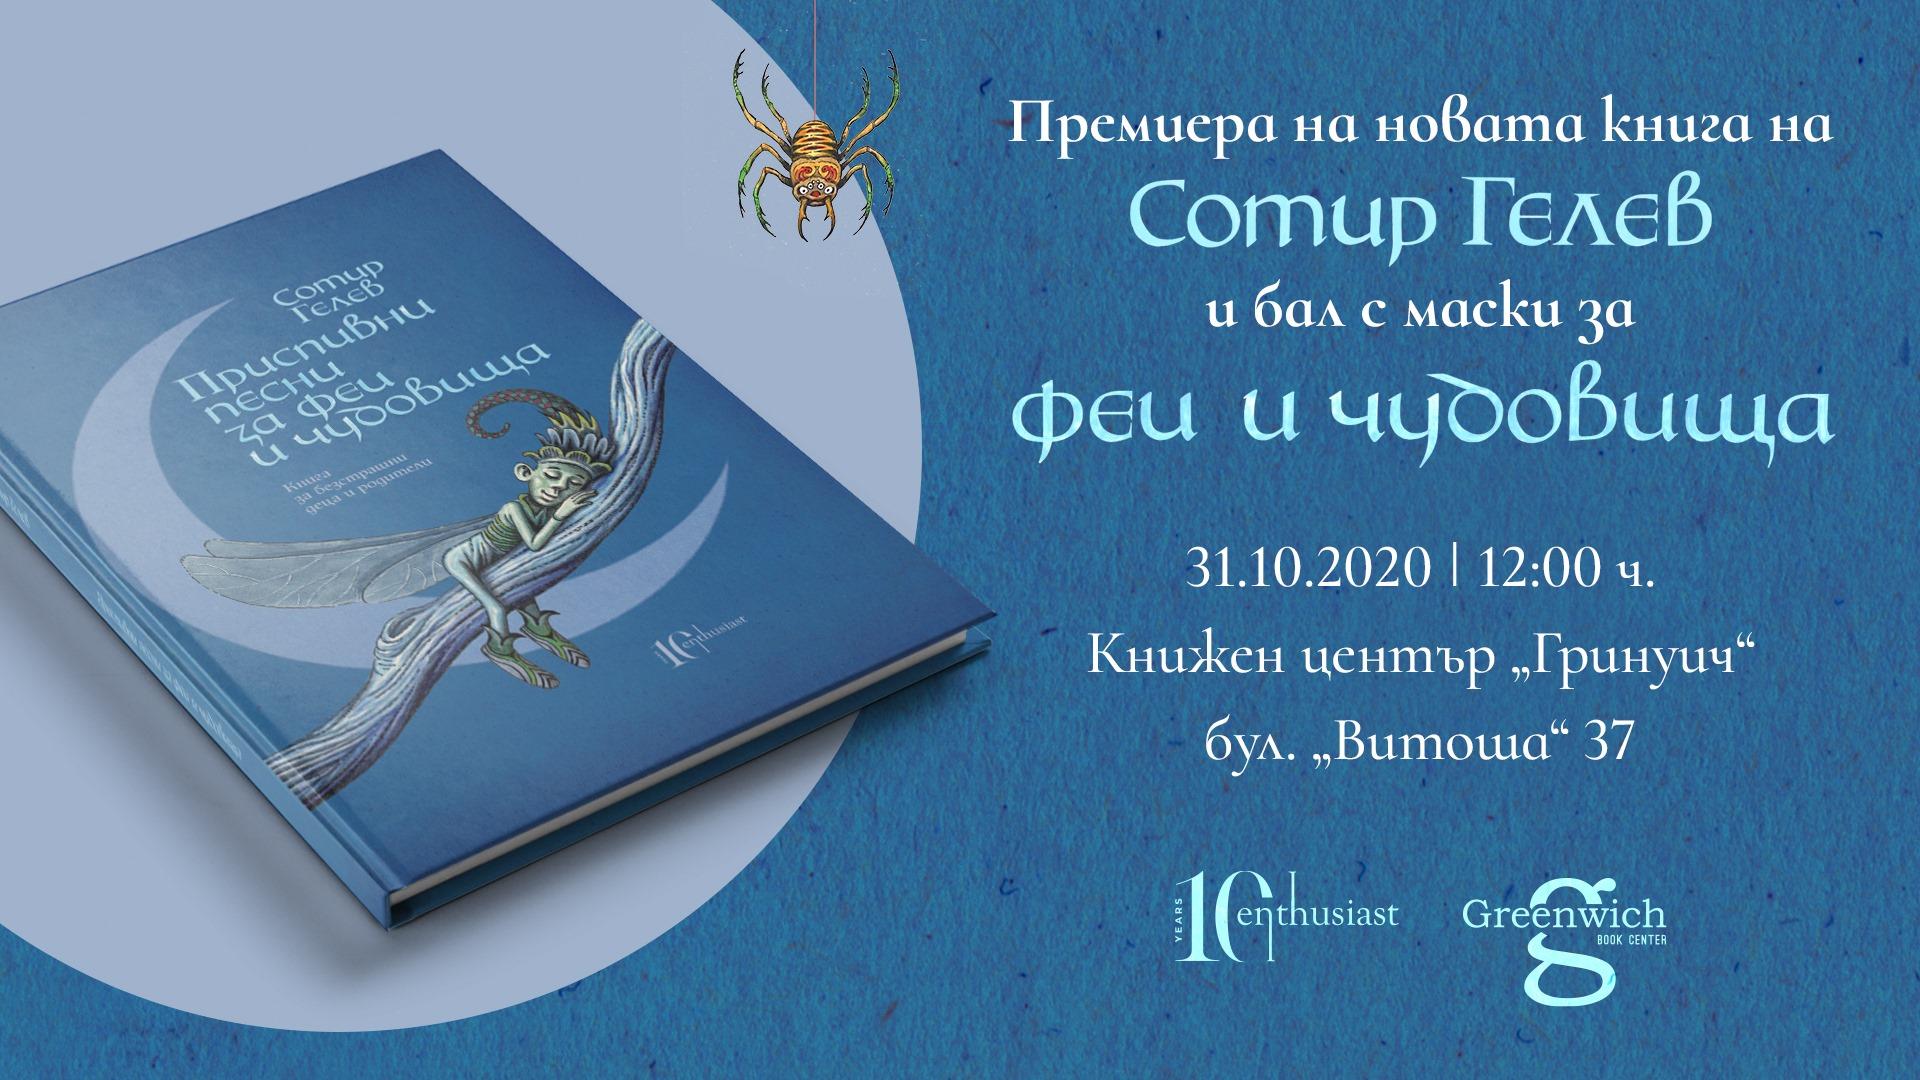 Премиера на новата книга на Сотир Гелев и бал с маски за феи и чудовища